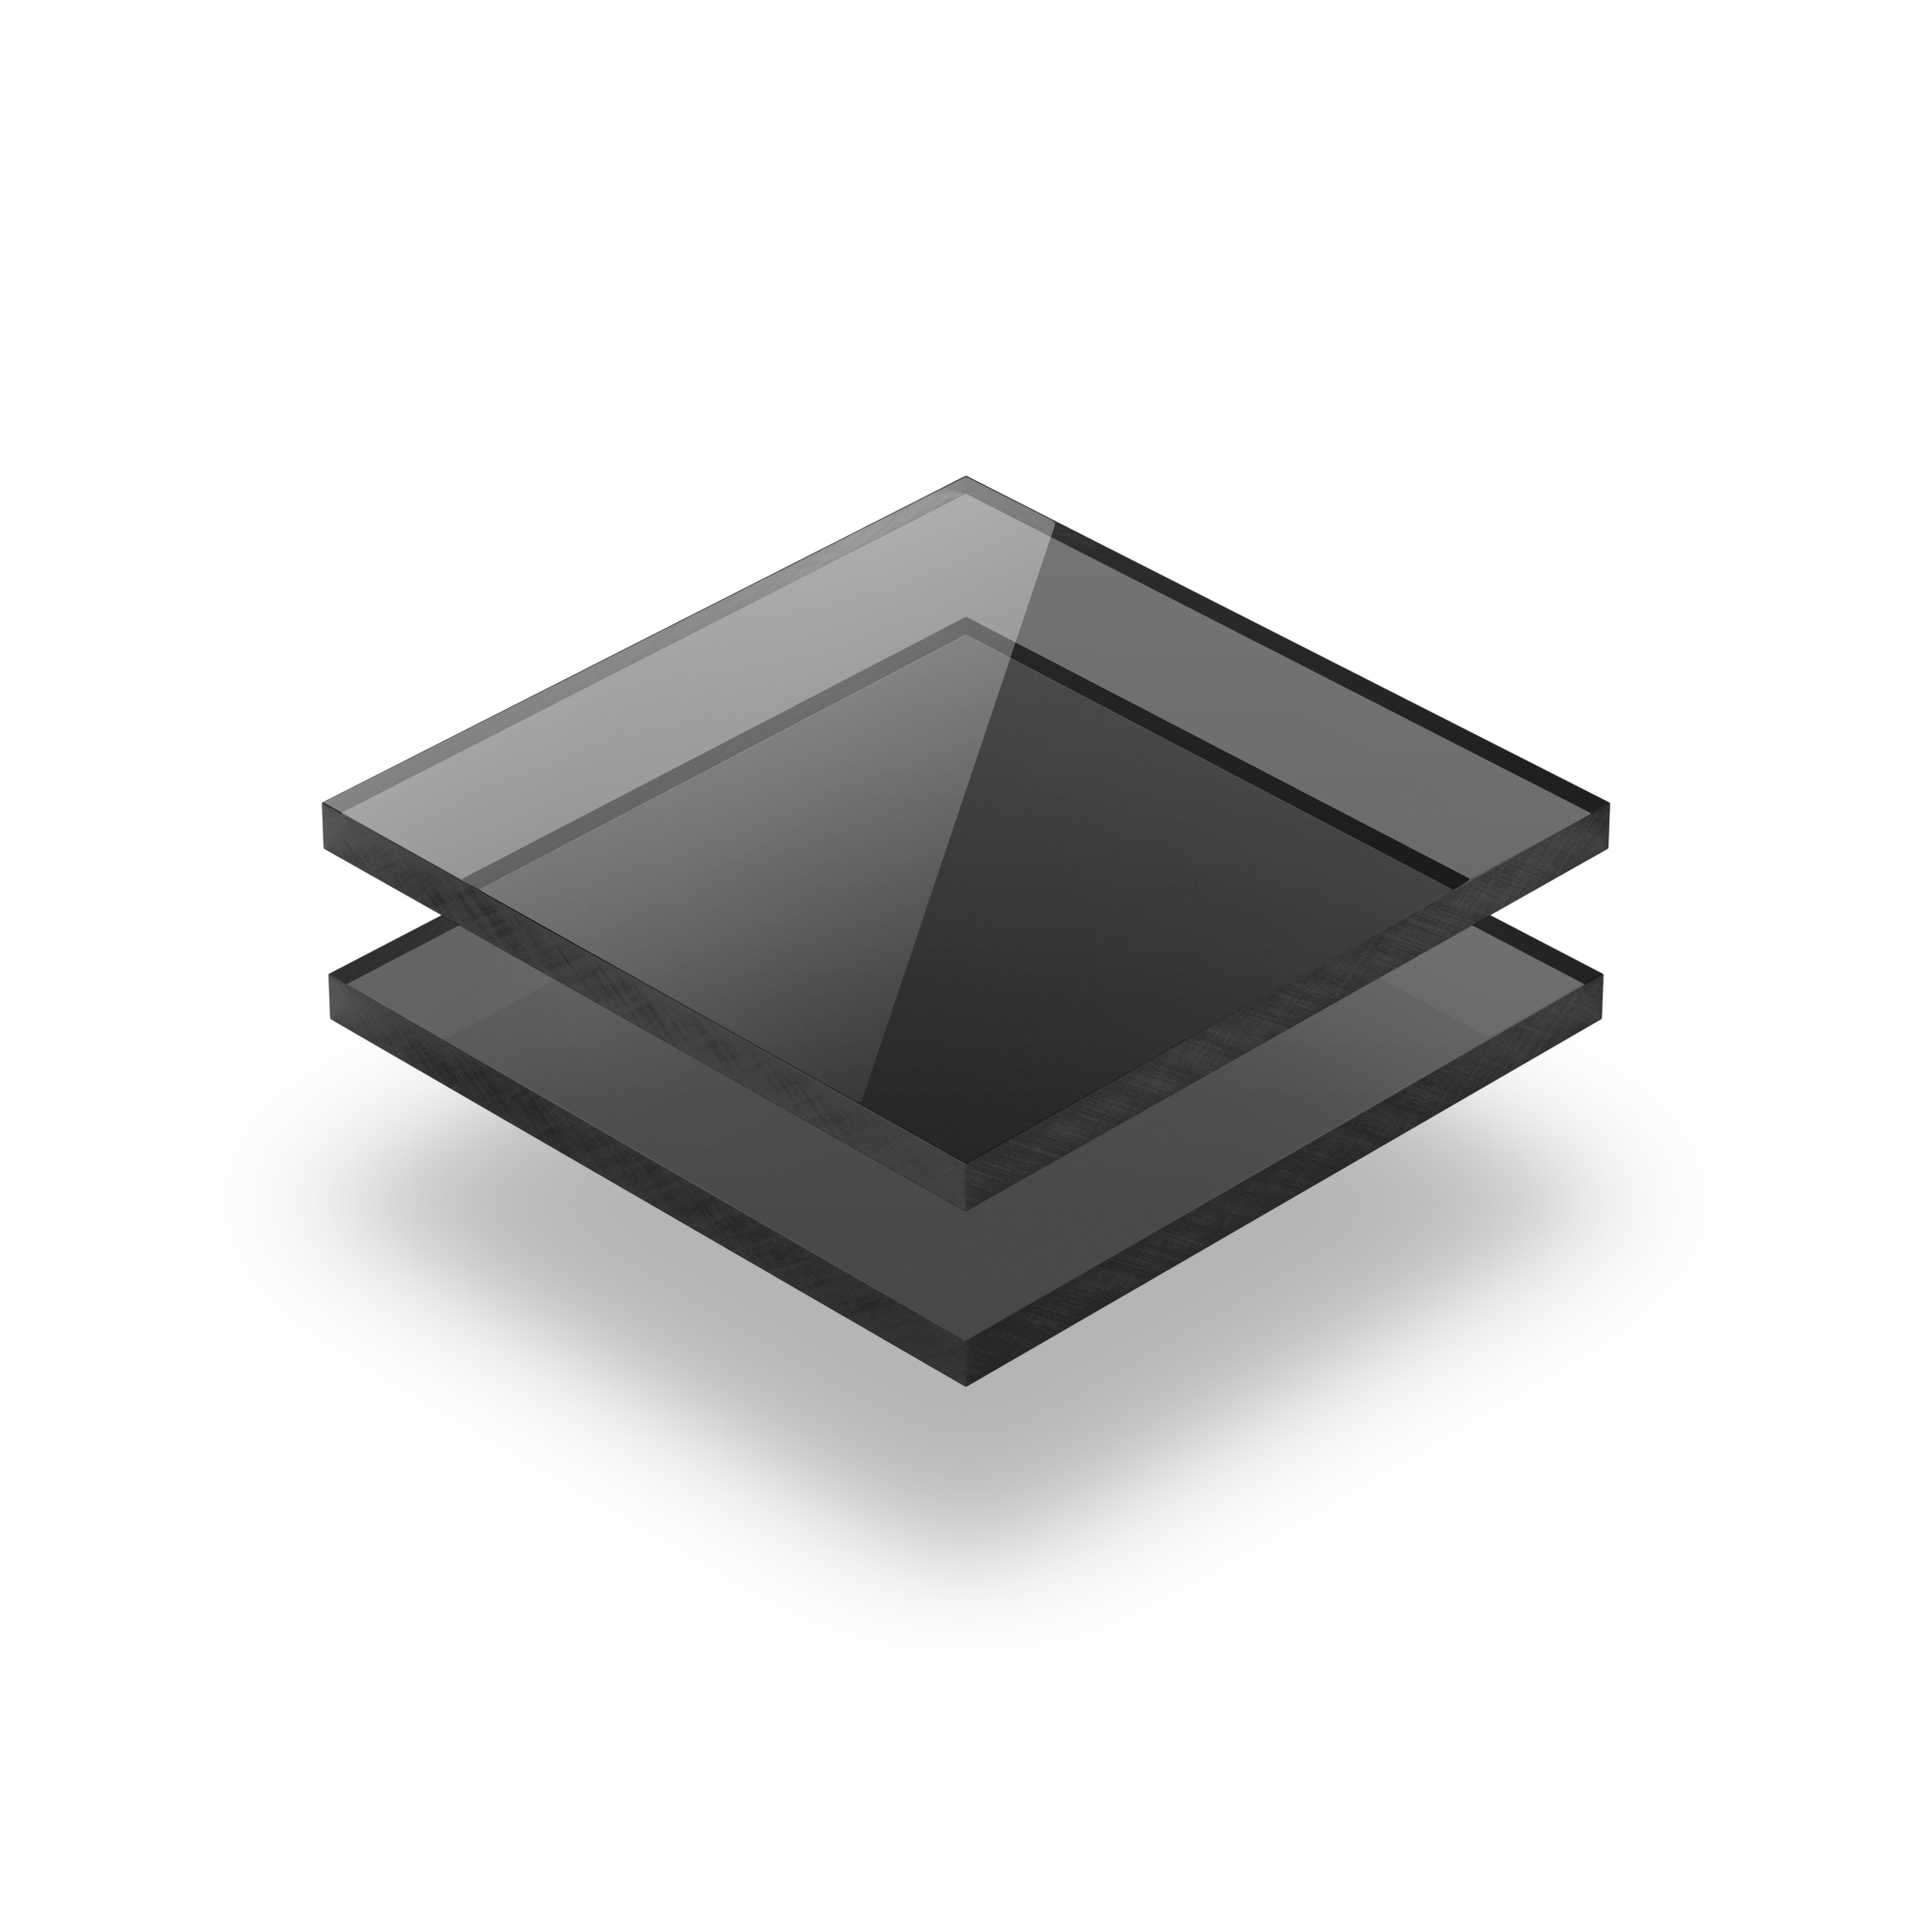 polycarbonaat getint grijs 5 mm gratis op maat gezaagd. Black Bedroom Furniture Sets. Home Design Ideas